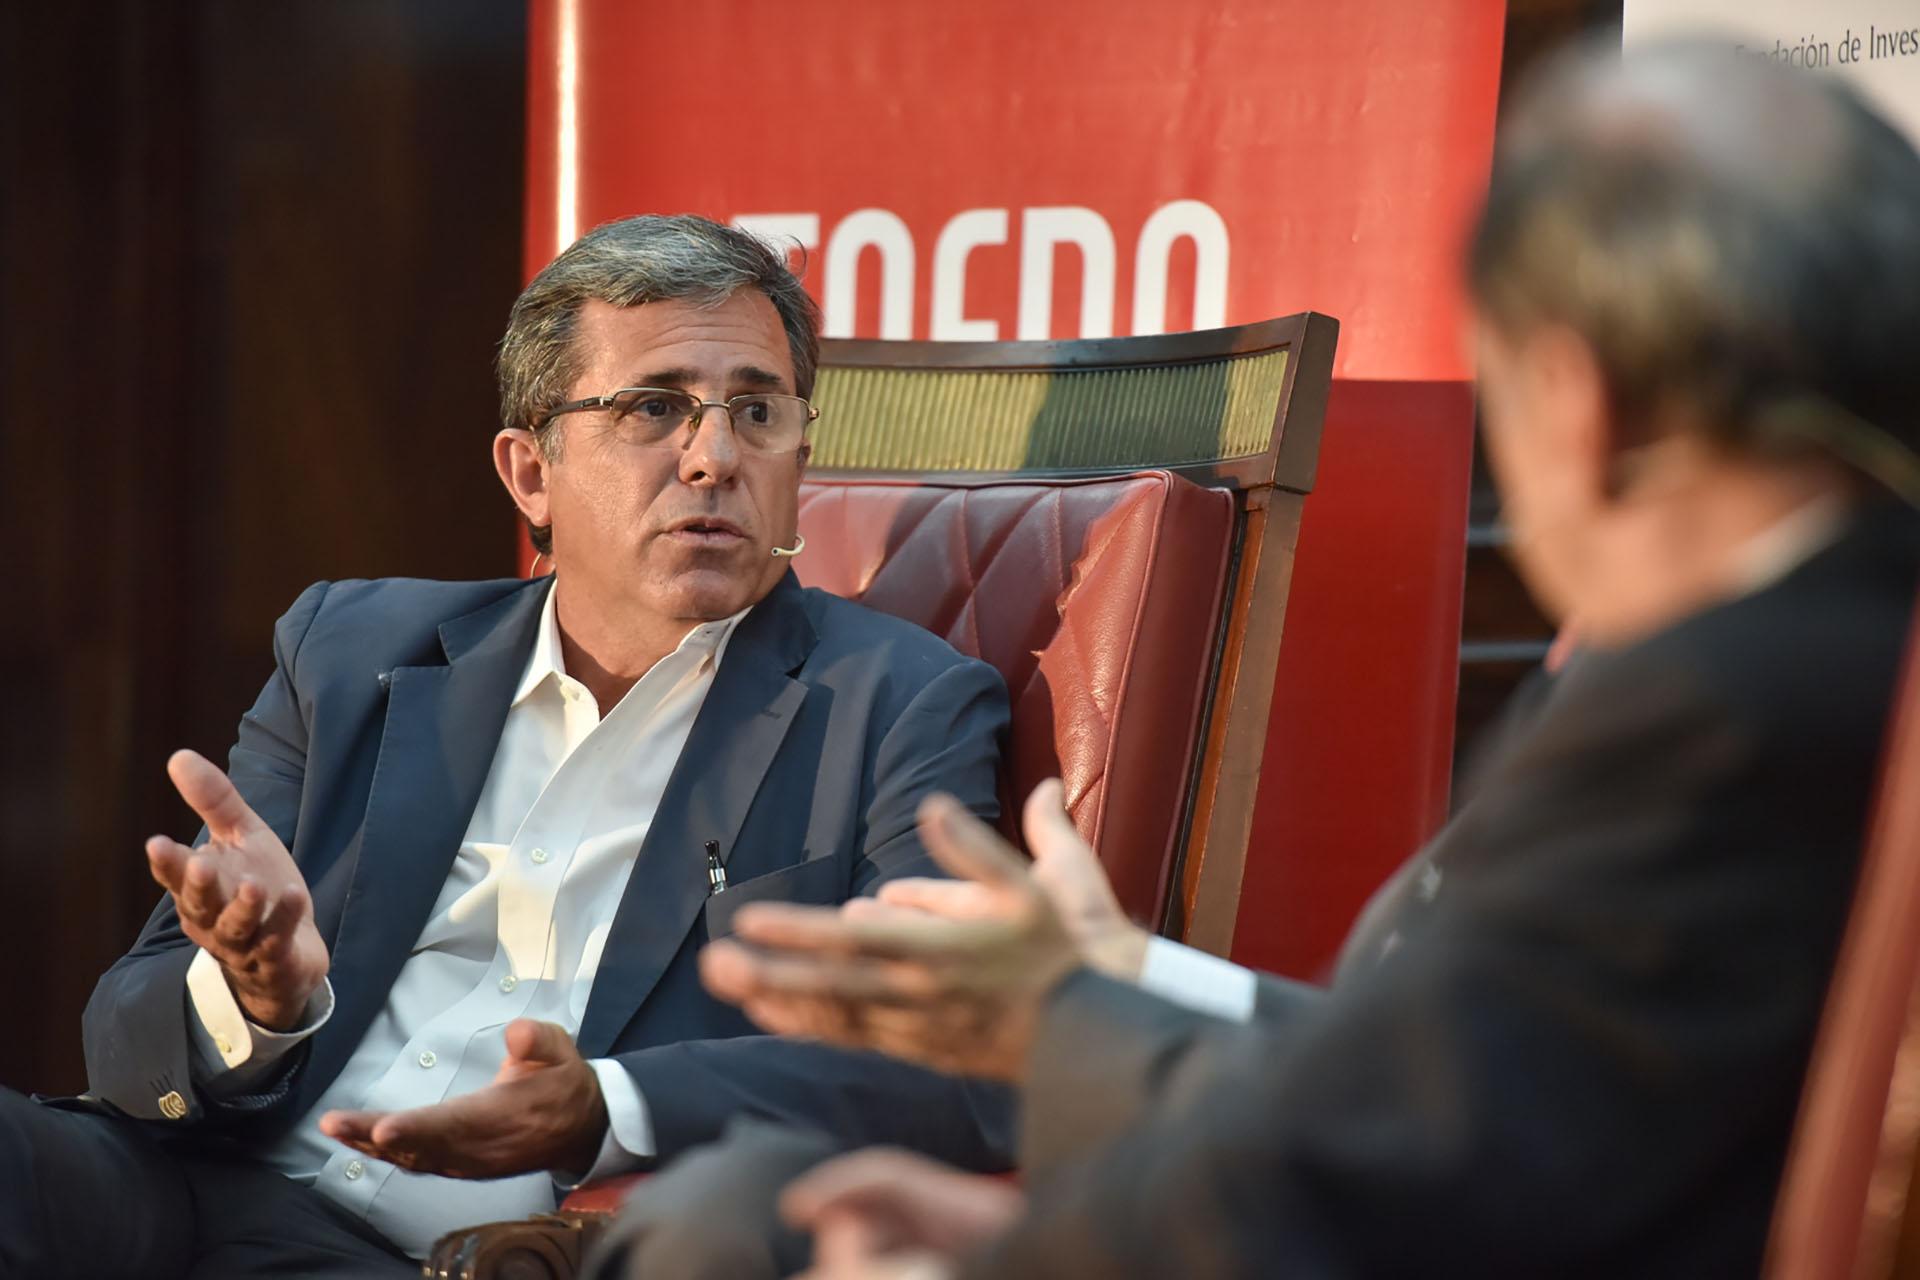 El periodista Carlos Reymundo Roberts